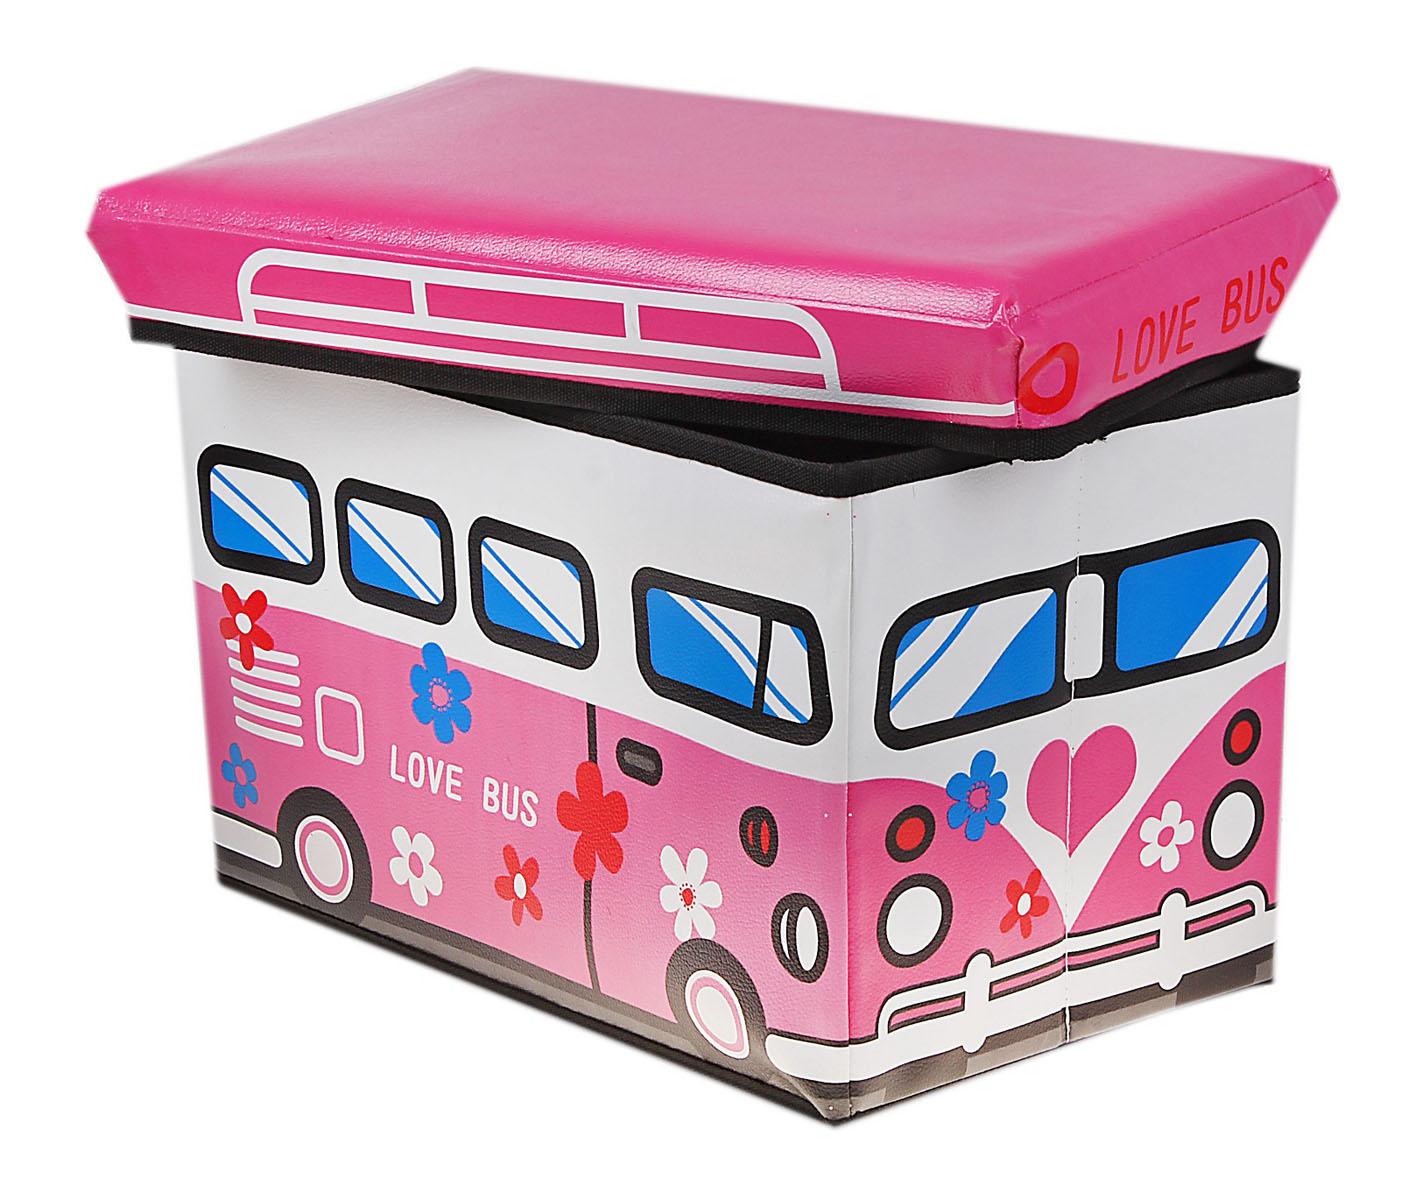 Коробка для хранения Sima-land Любимый, 40 х 25 х 25 см564001Коробка для хранения Sima-land Любимый изготовлена из искусственной кожи и картона. Коробка имеет съемную, мягкую крышку. Материал коробки позволяет сохранять естественную вентиляцию, а воздуху свободно проникать внутрь, не пропуская пыль. Благодаря специальным вставкам, коробка прекрасно держит форму, а эстетичный дизайн гармонично смотрится в любом интерьере. Компактные габариты коробки не загромождают помещение. Коробку можно хранить в обычном шкафу. Внутренняя емкость позволяет хранить внутри игрушки, журналы, обувь, прочие предметы. Мобильность конструкции обеспечивает складывание и раскладывание одним движением.Коробка для хранения Sima-land Любимый станет вам незаменимой дома и на даче. Размер коробки: 40 см х 25 см х 25 см.